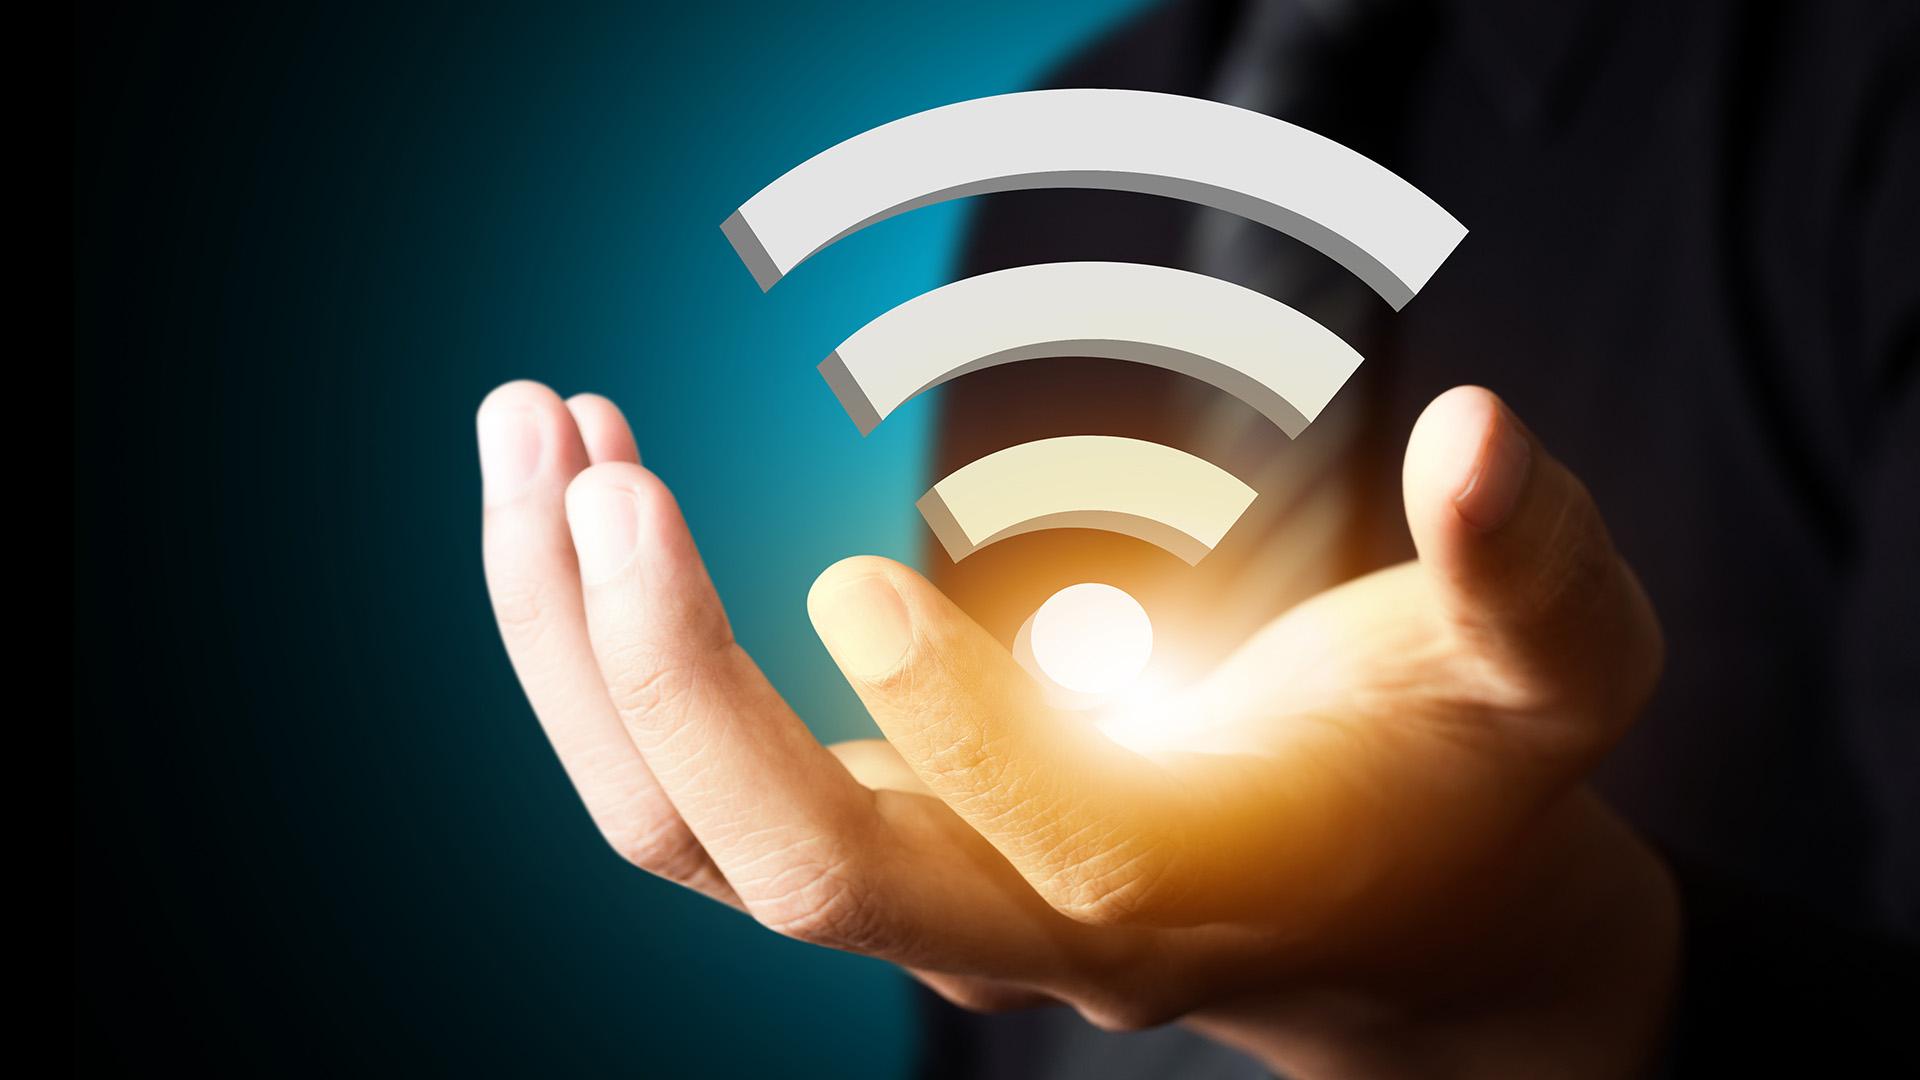 Advantages And Disadvantages of wireless Divice Wifi - تعرف على أفضل الحلول لمشكلة ضعف شبكة الواي فاي اللاسلكية في المنزل